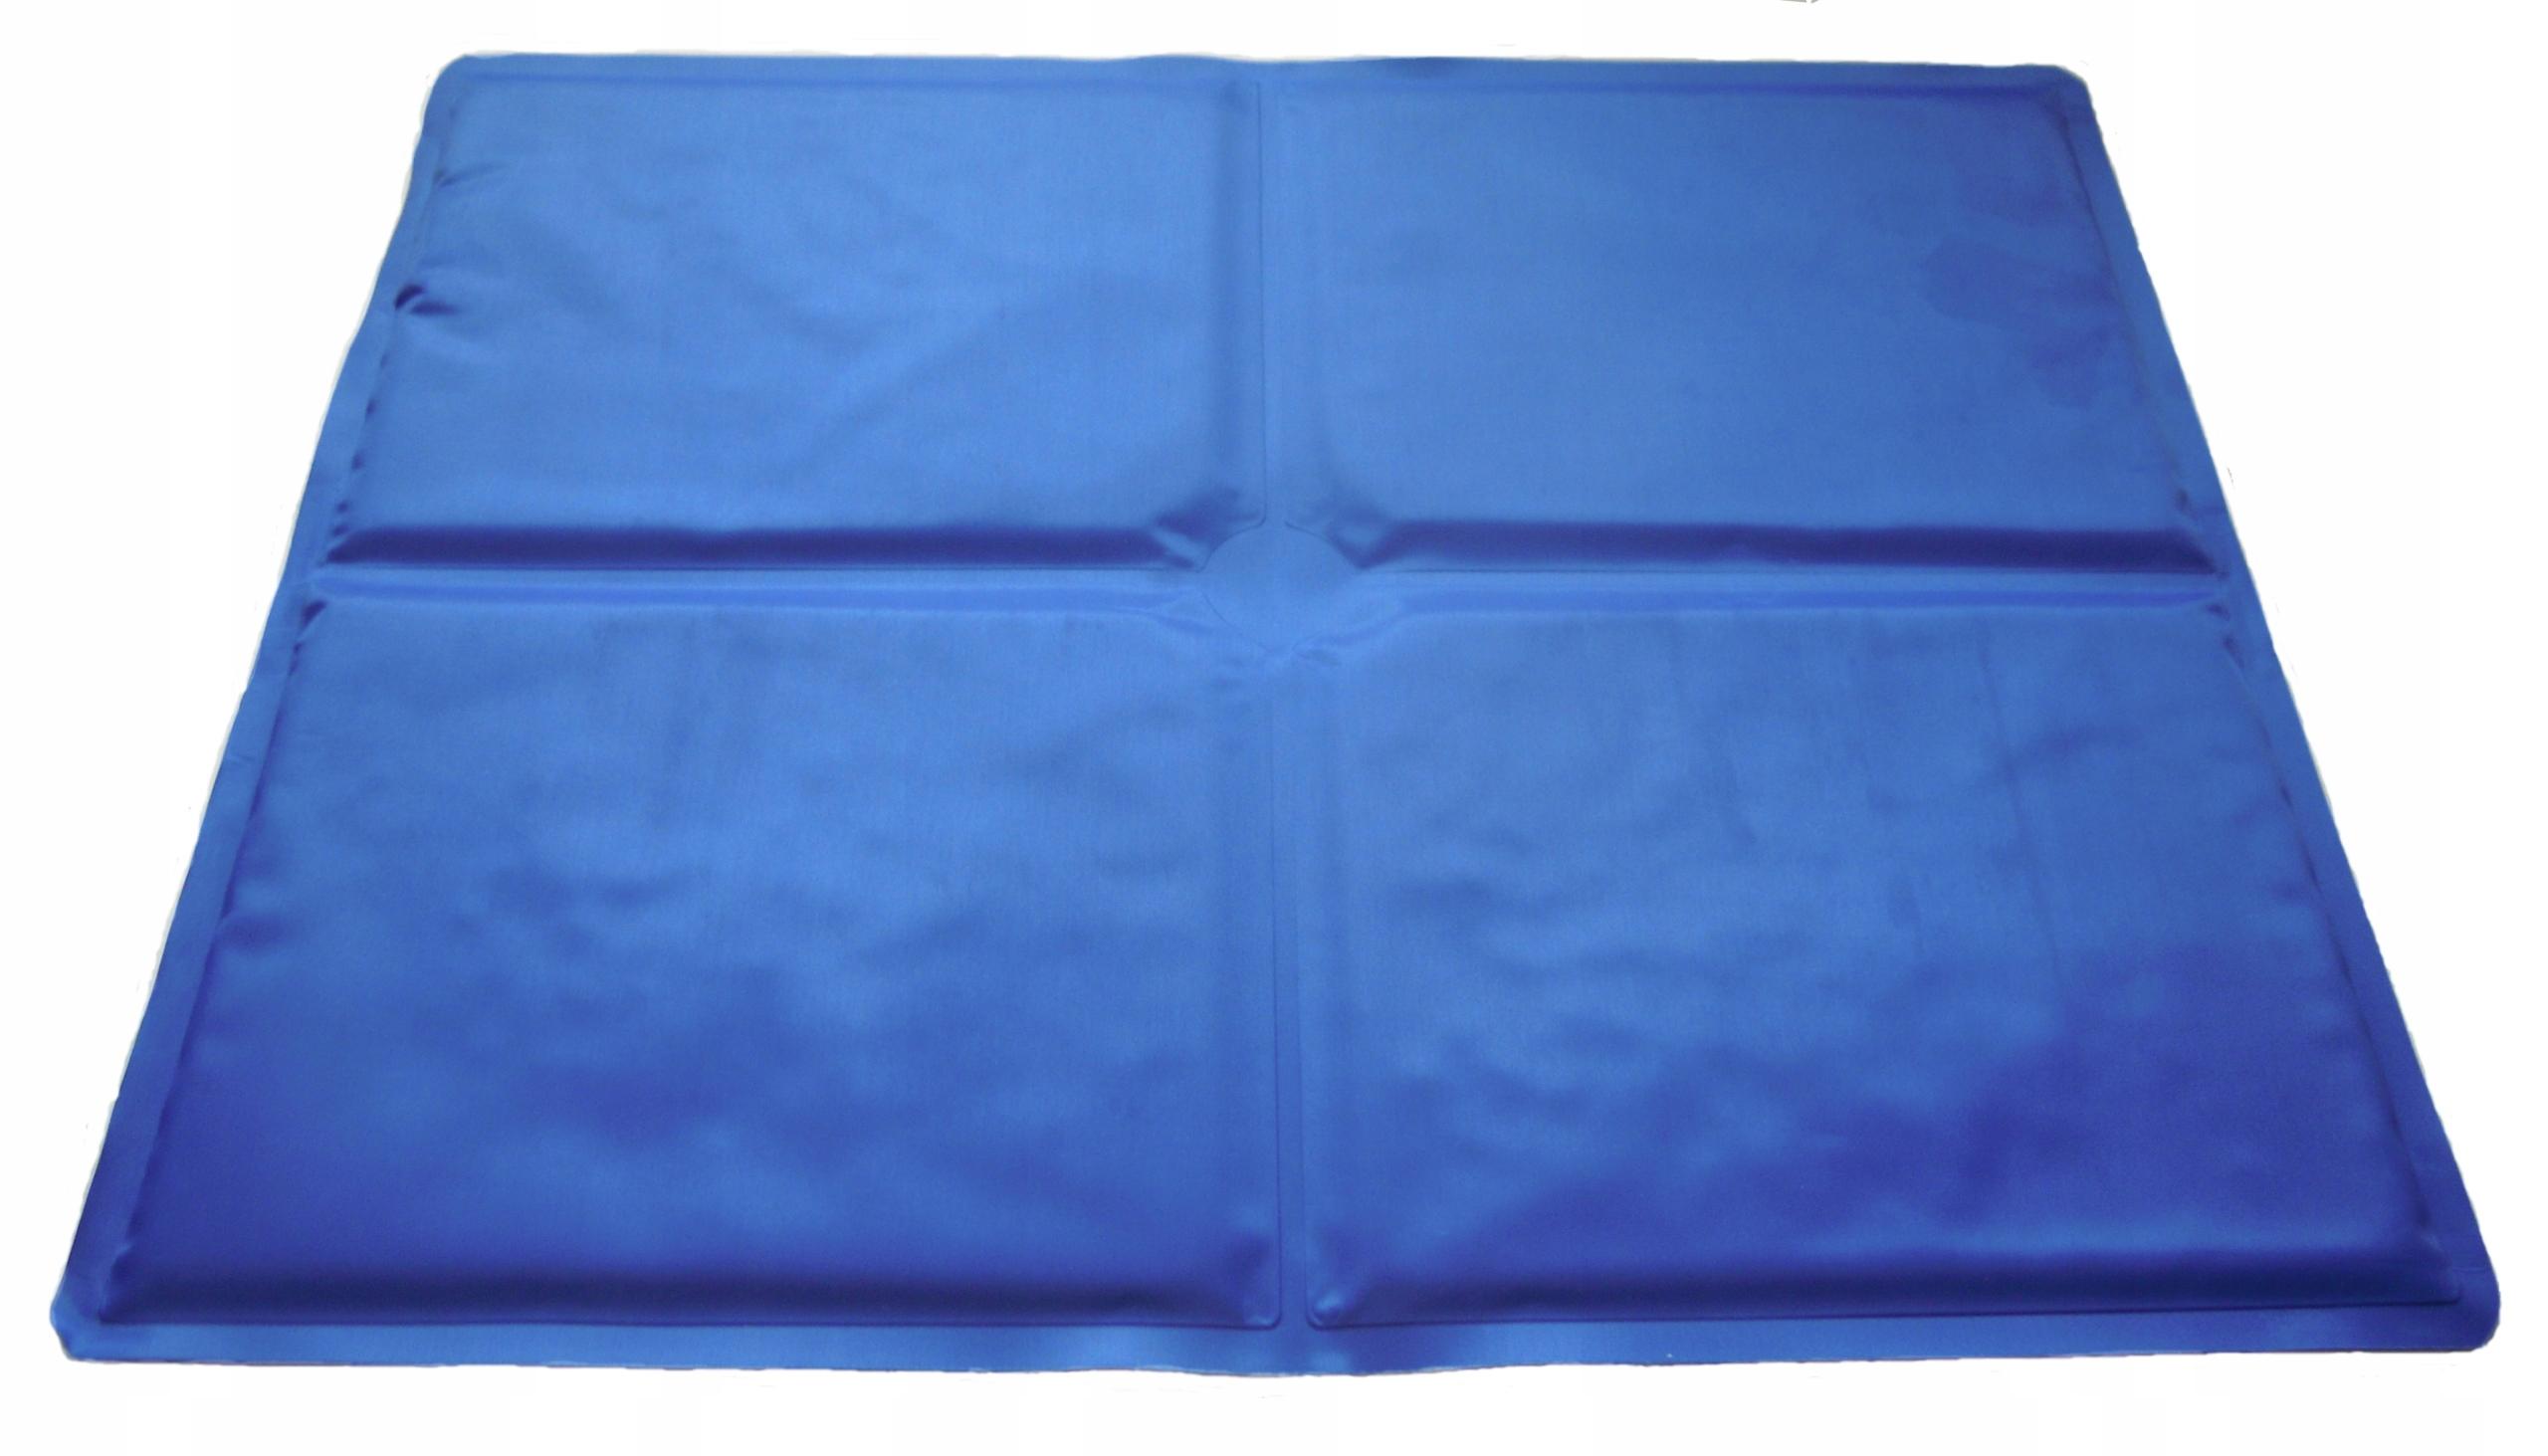 Подстилка охлаждающая для собак Trixie, синий, 90x50